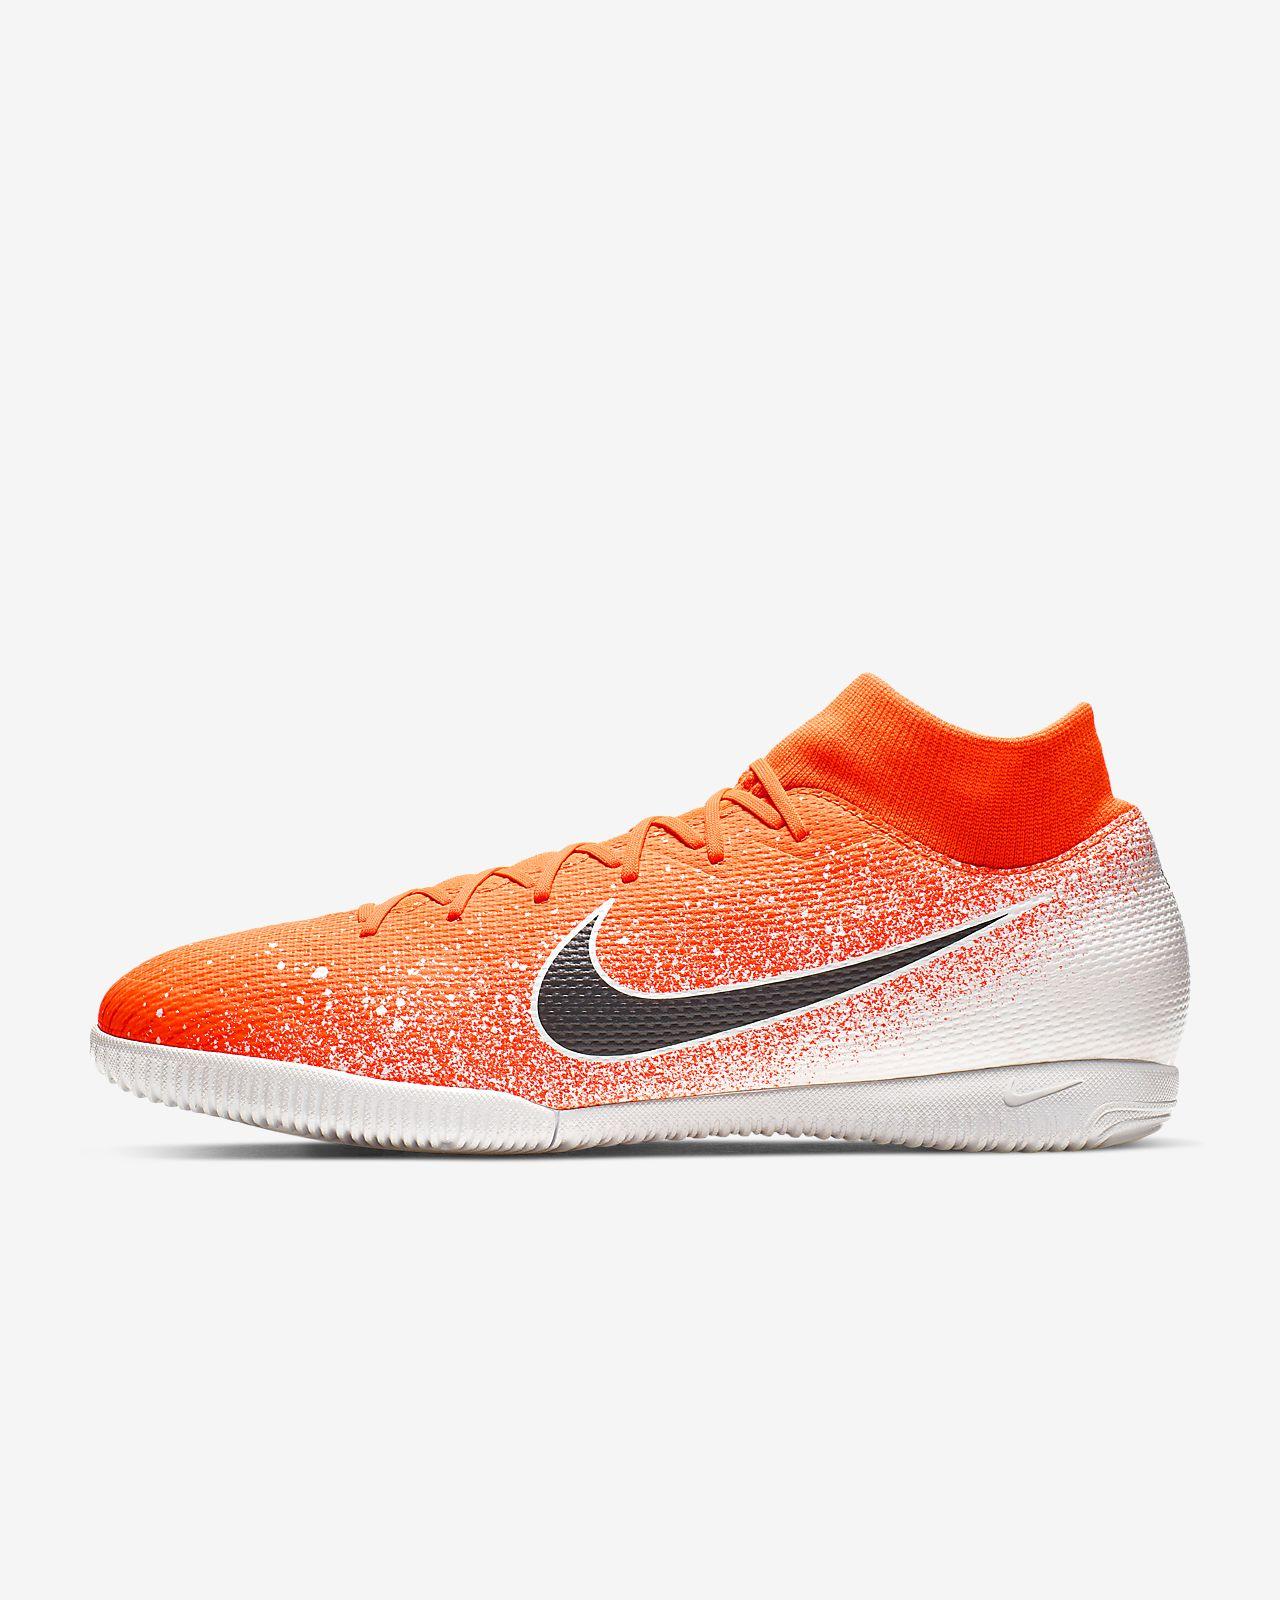 38a6706a8e Sapatilhas de futsal Nike SuperflyX 6 Academy IC. Nike.com PT